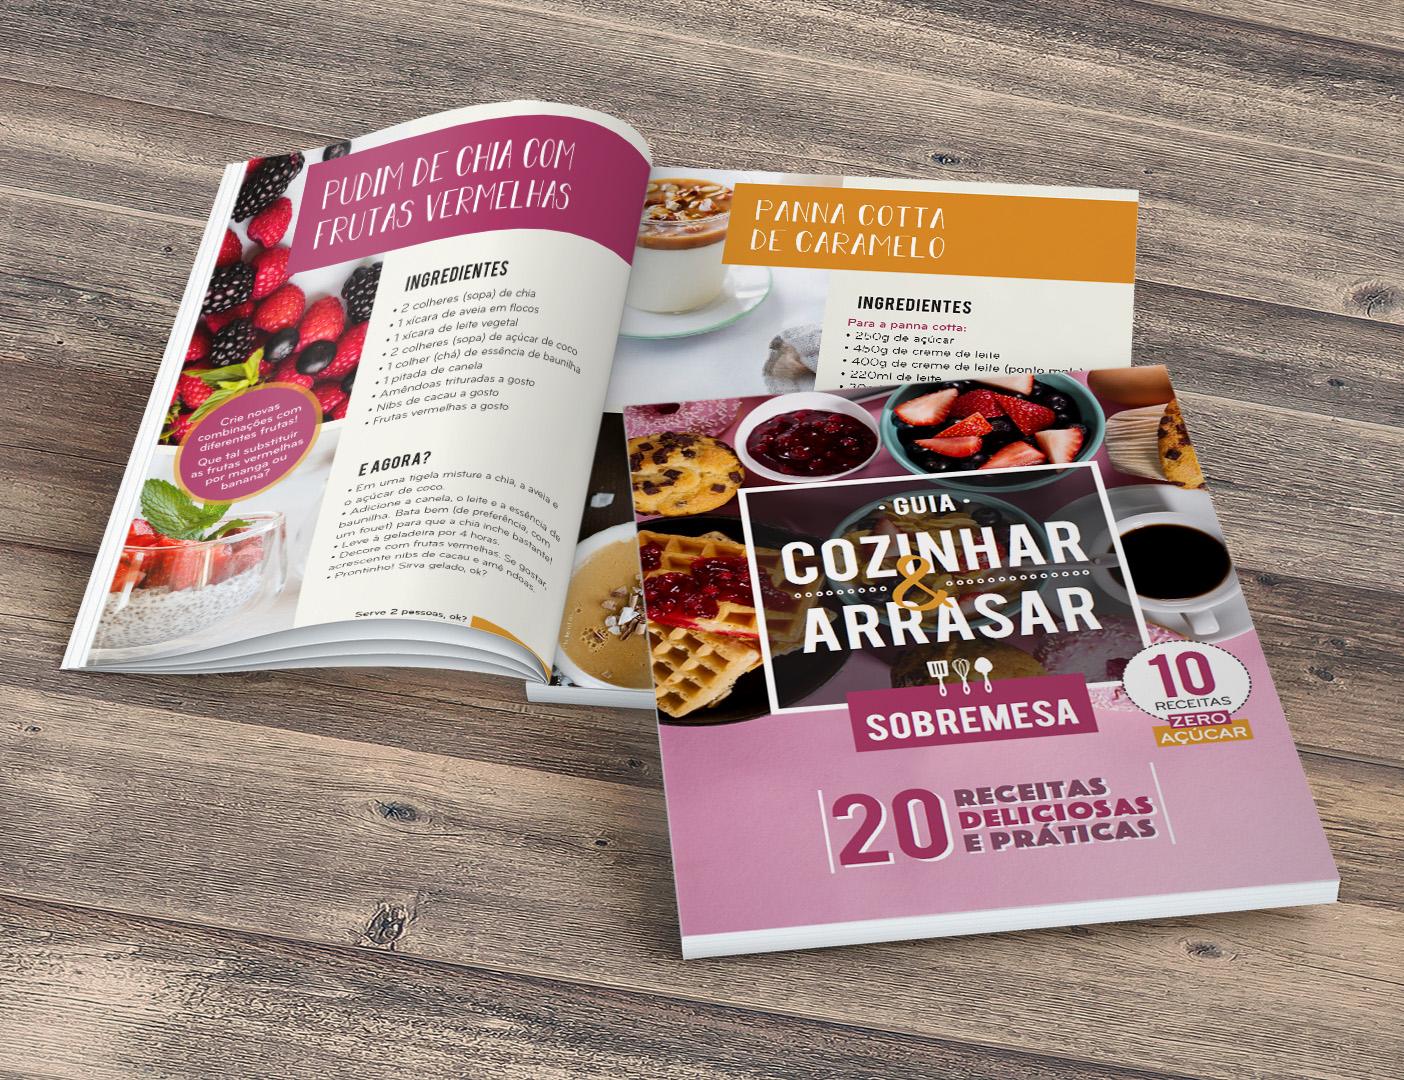 Guia Cozinhar & Arrasar - SOBREMESAS